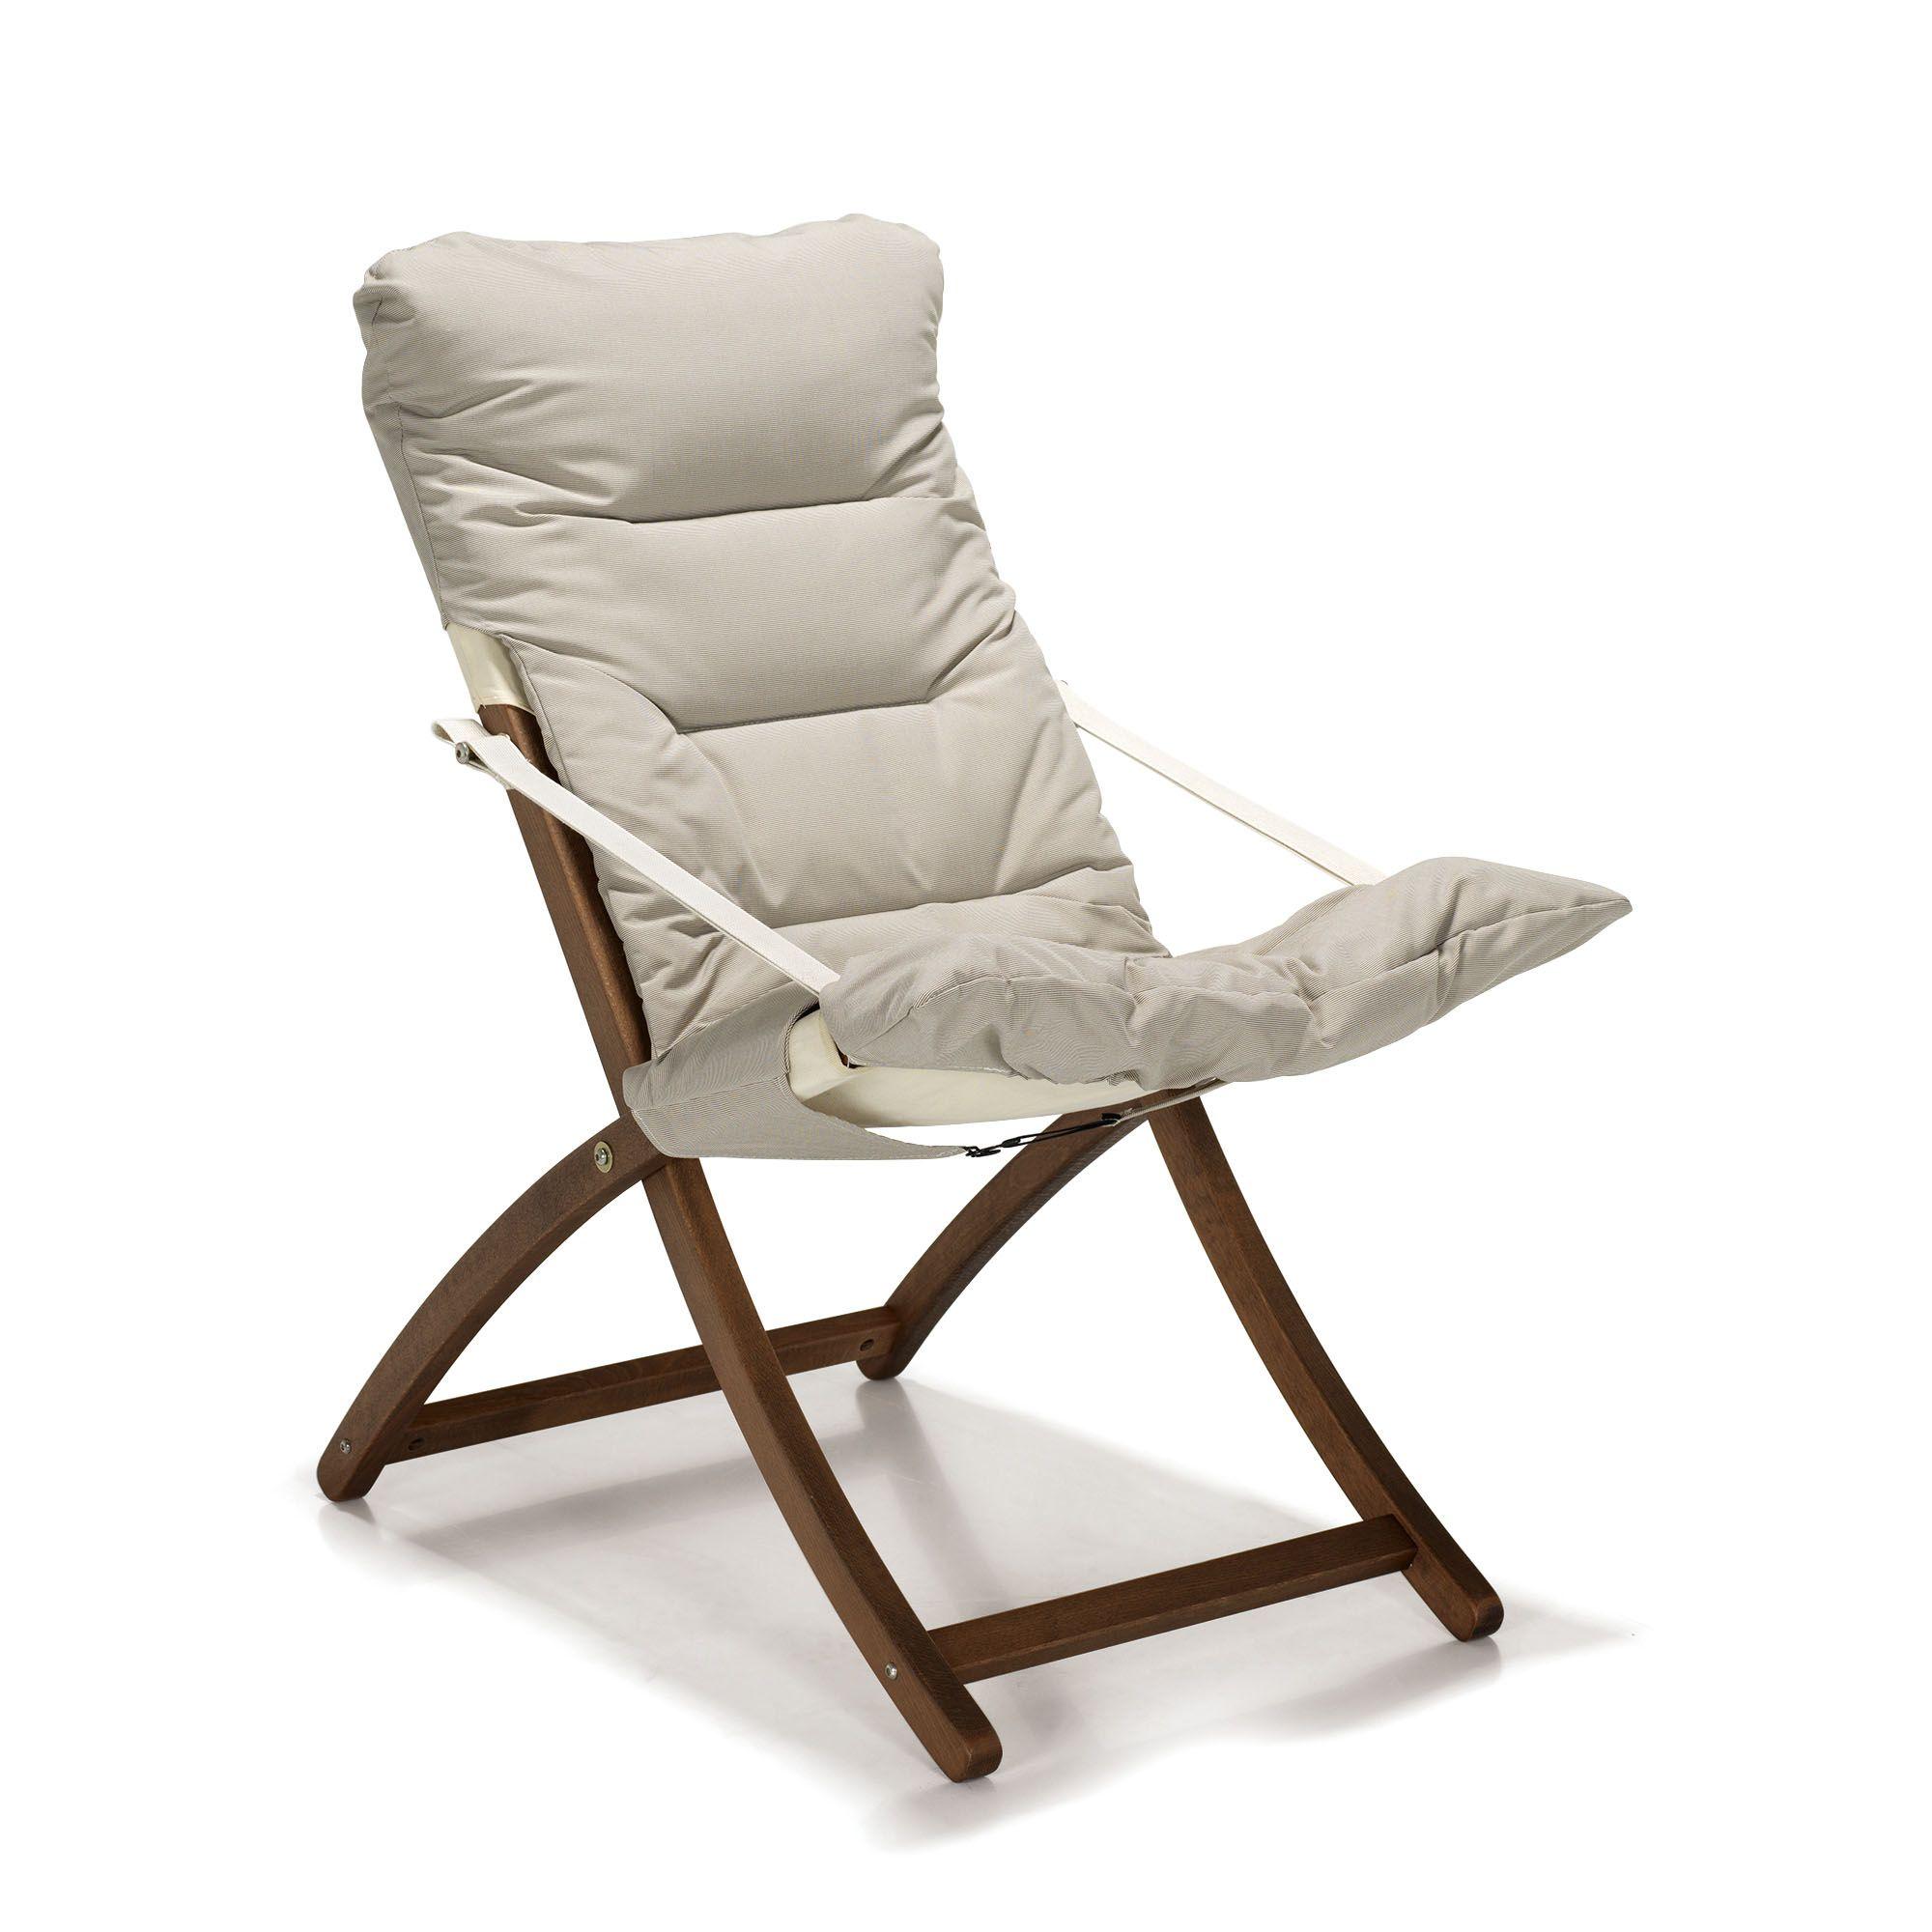 Alin a messana fauteuil de jardin relax pliant rembourr beige pas cher achat vente - Alinea fauteuil jardin ...